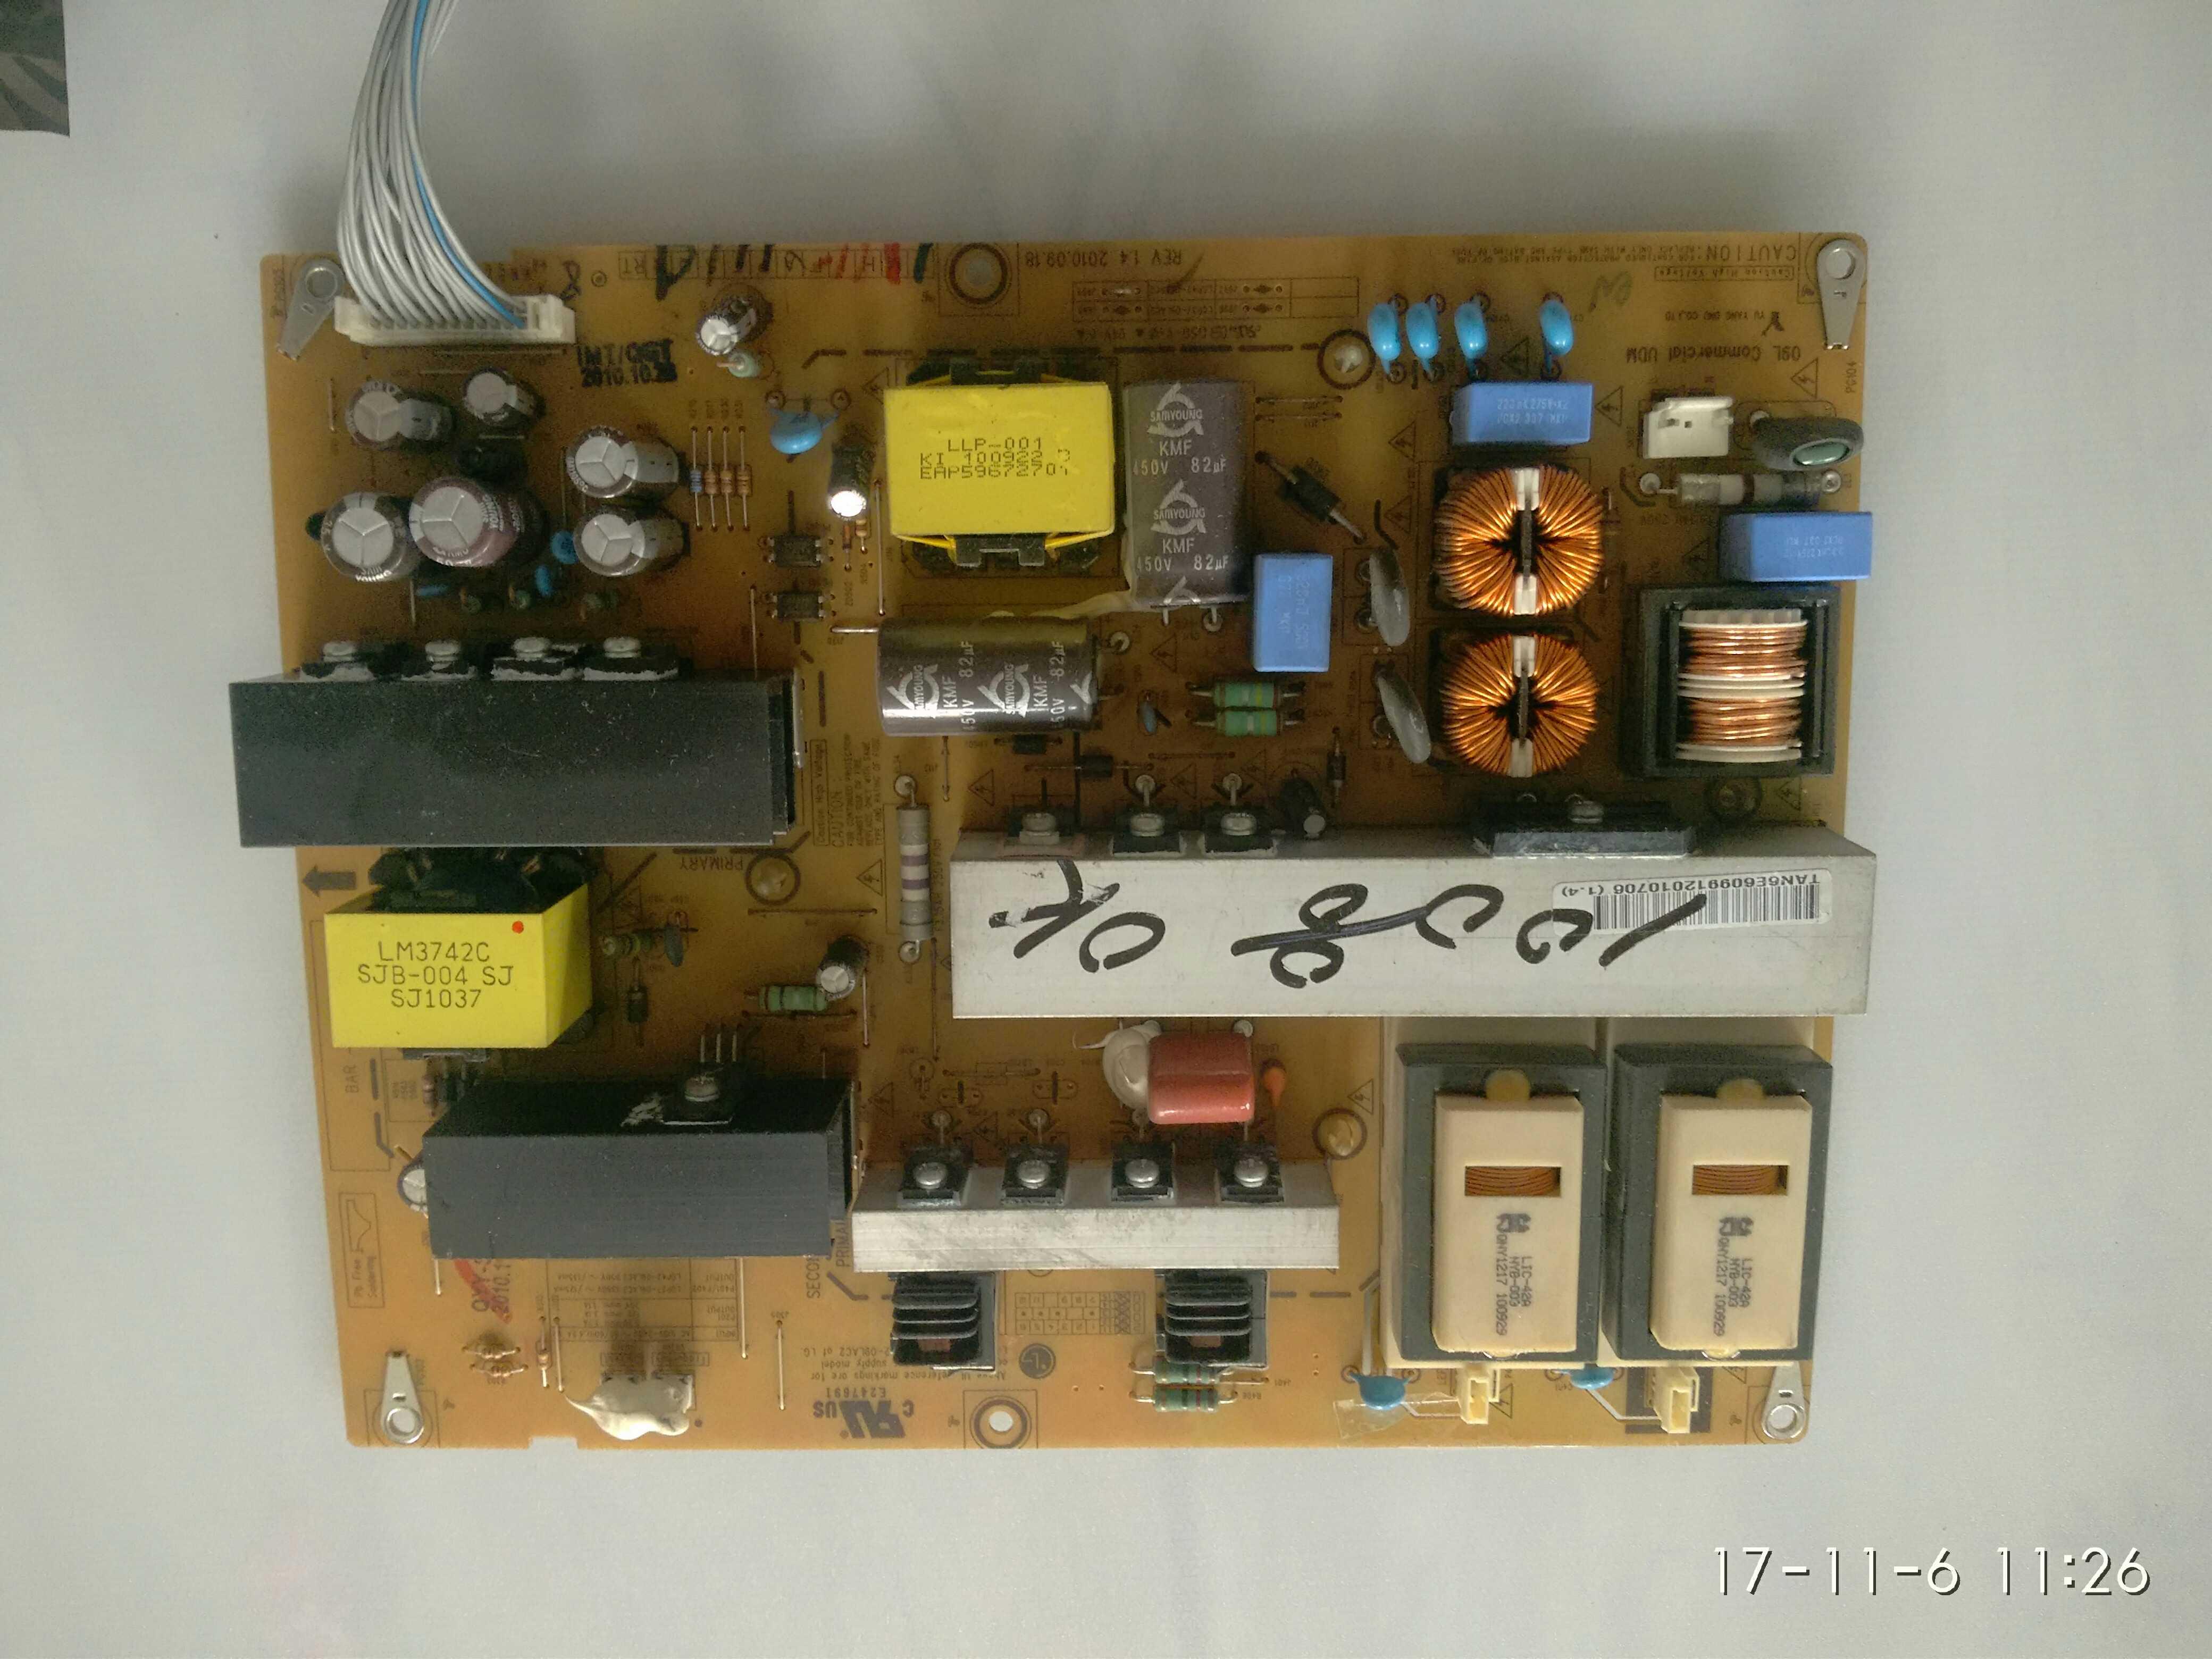 CA - LG42LH22RC ein LCD - fernseher: E247691 Power Plate, nicht alternativen.